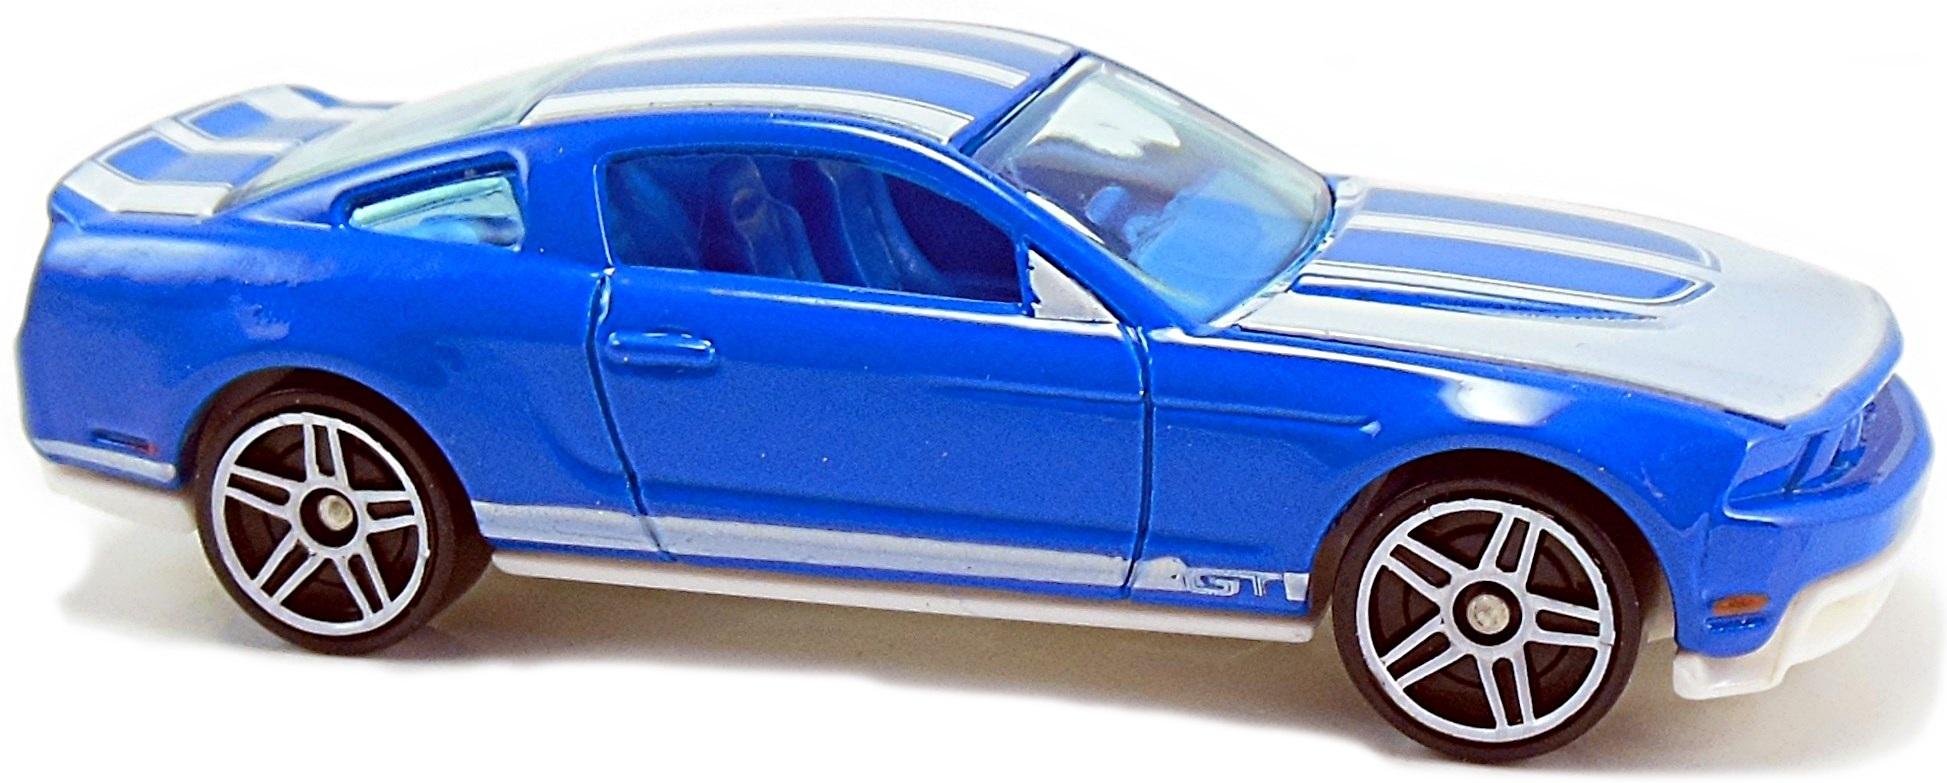 2010 ford mustang gt 73mm 2009 hot wheels newsletter. Black Bedroom Furniture Sets. Home Design Ideas